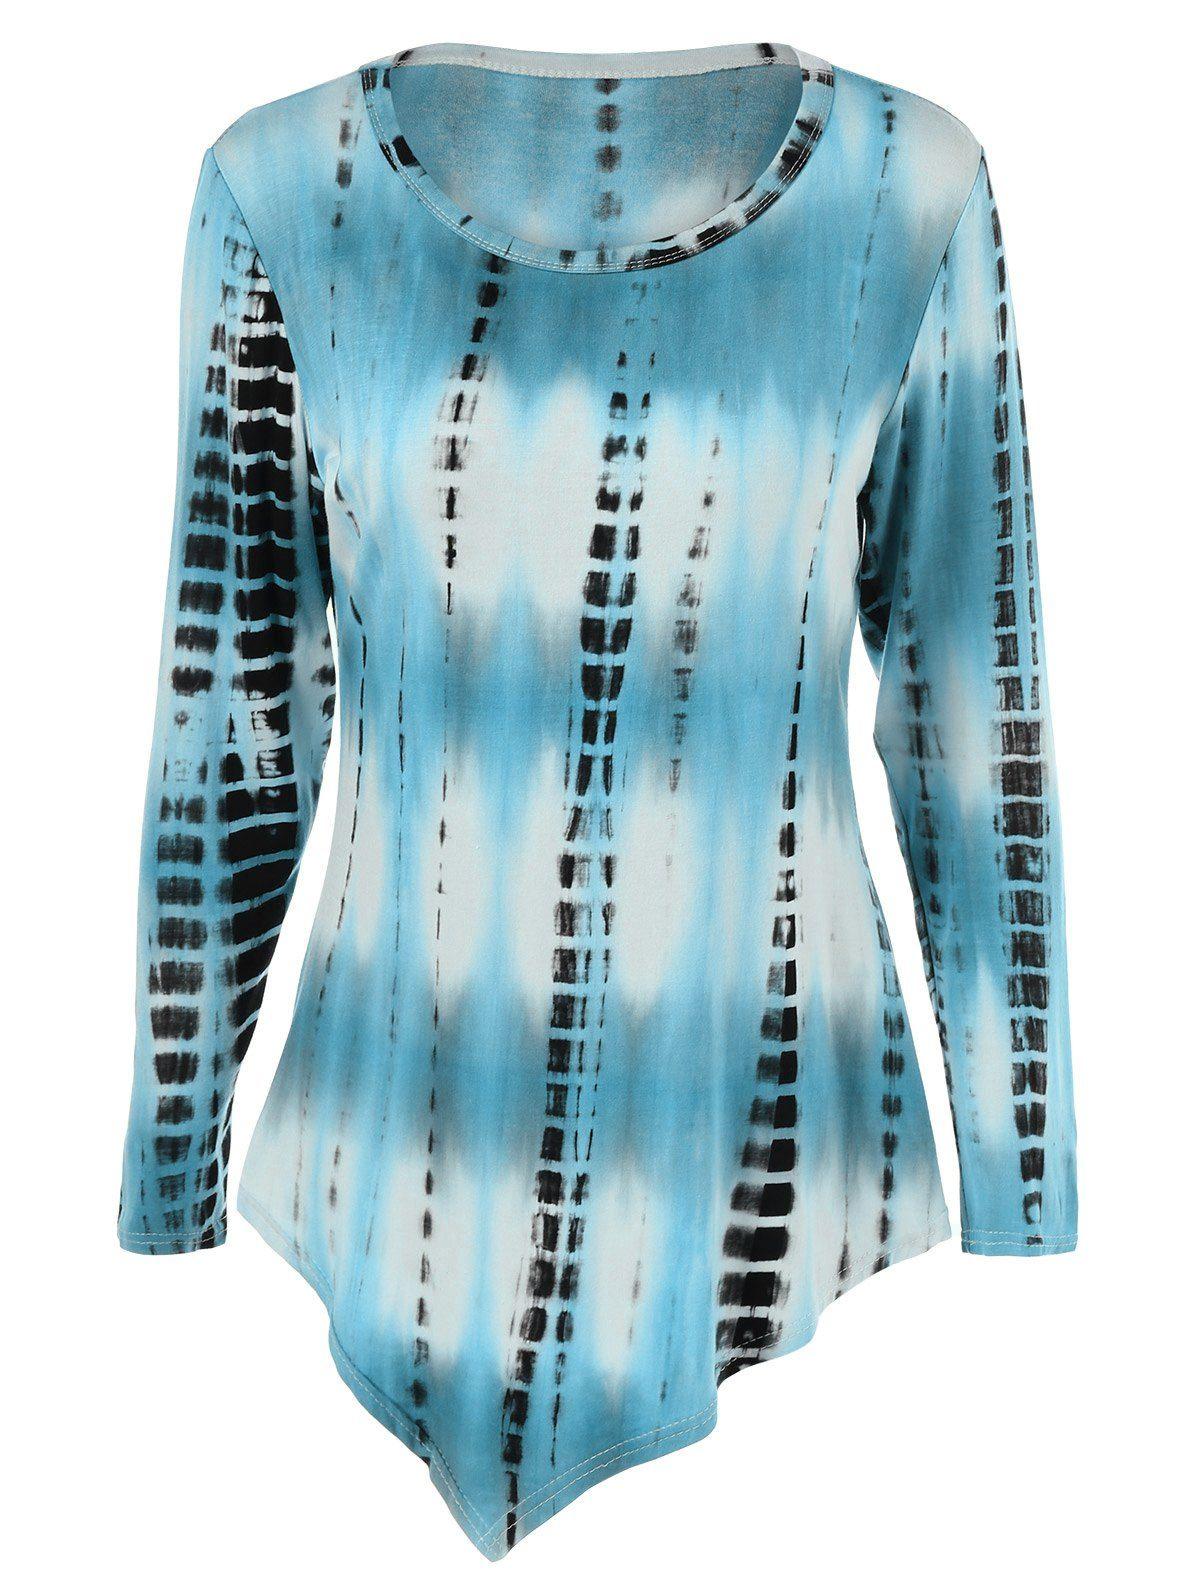 b4a73a59d90 Plus Size Asymmetric Tie-Dye T-Shirt